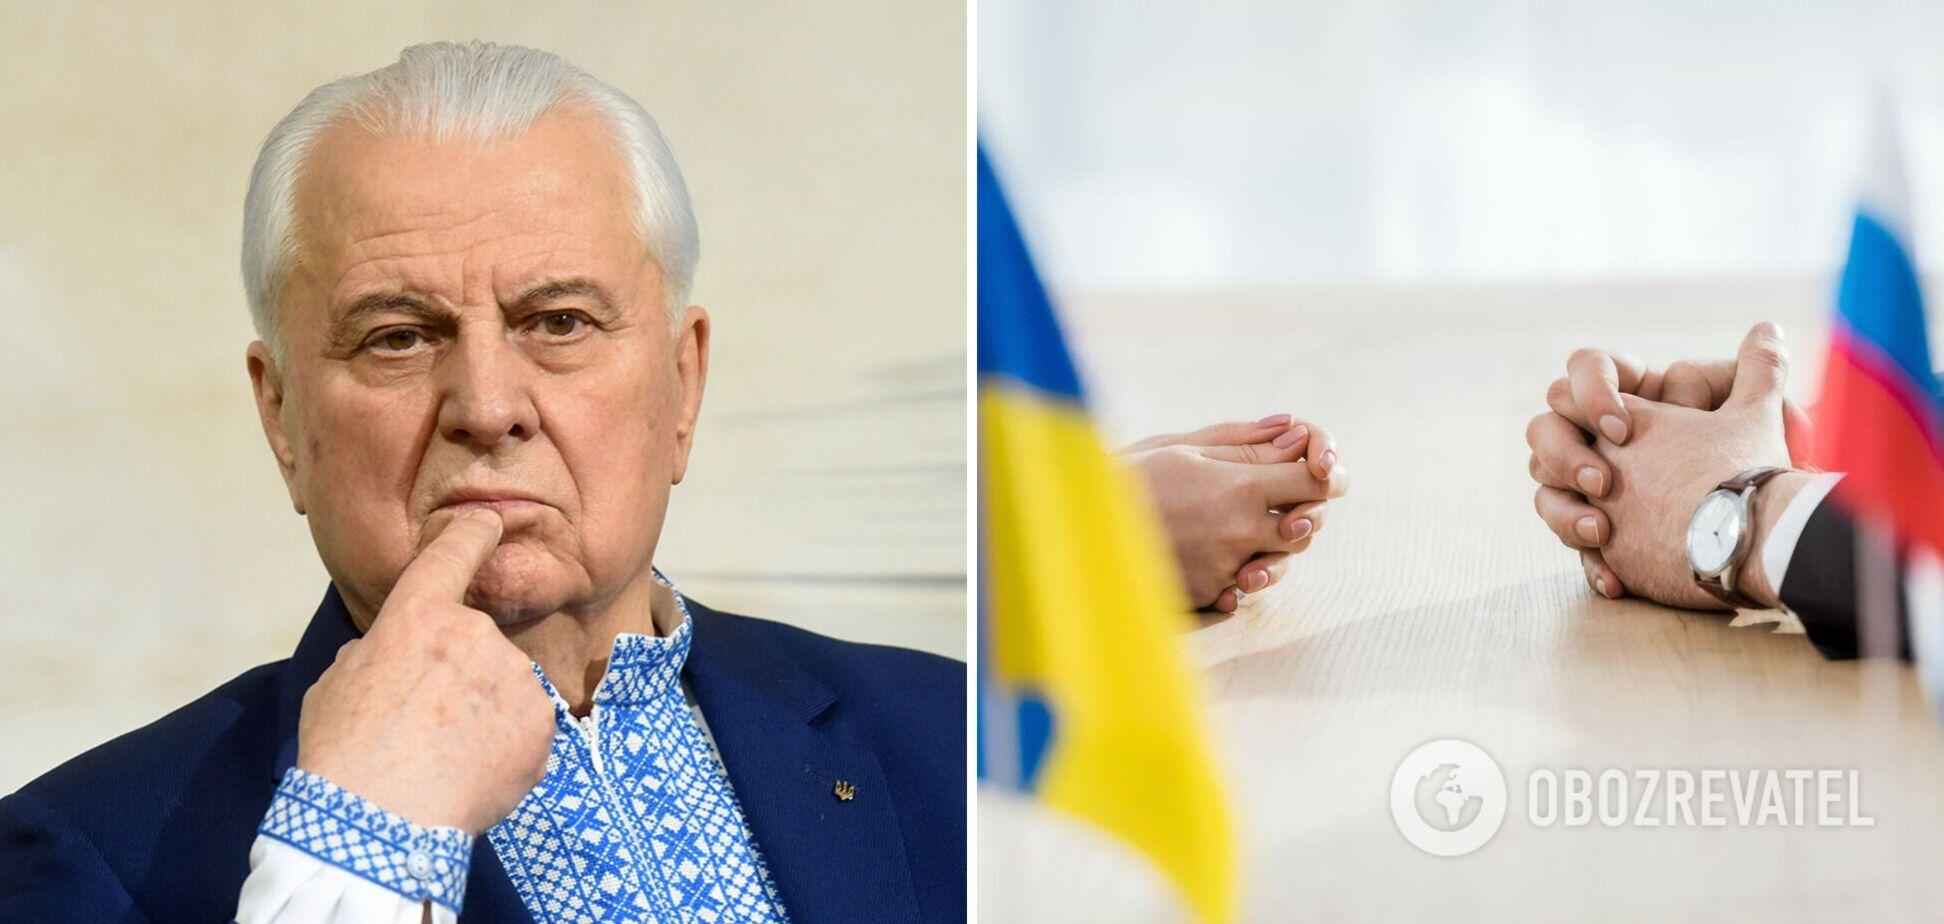 Кравчук розповів, куди можуть перенести переговори ТКГ щодо Донбасу